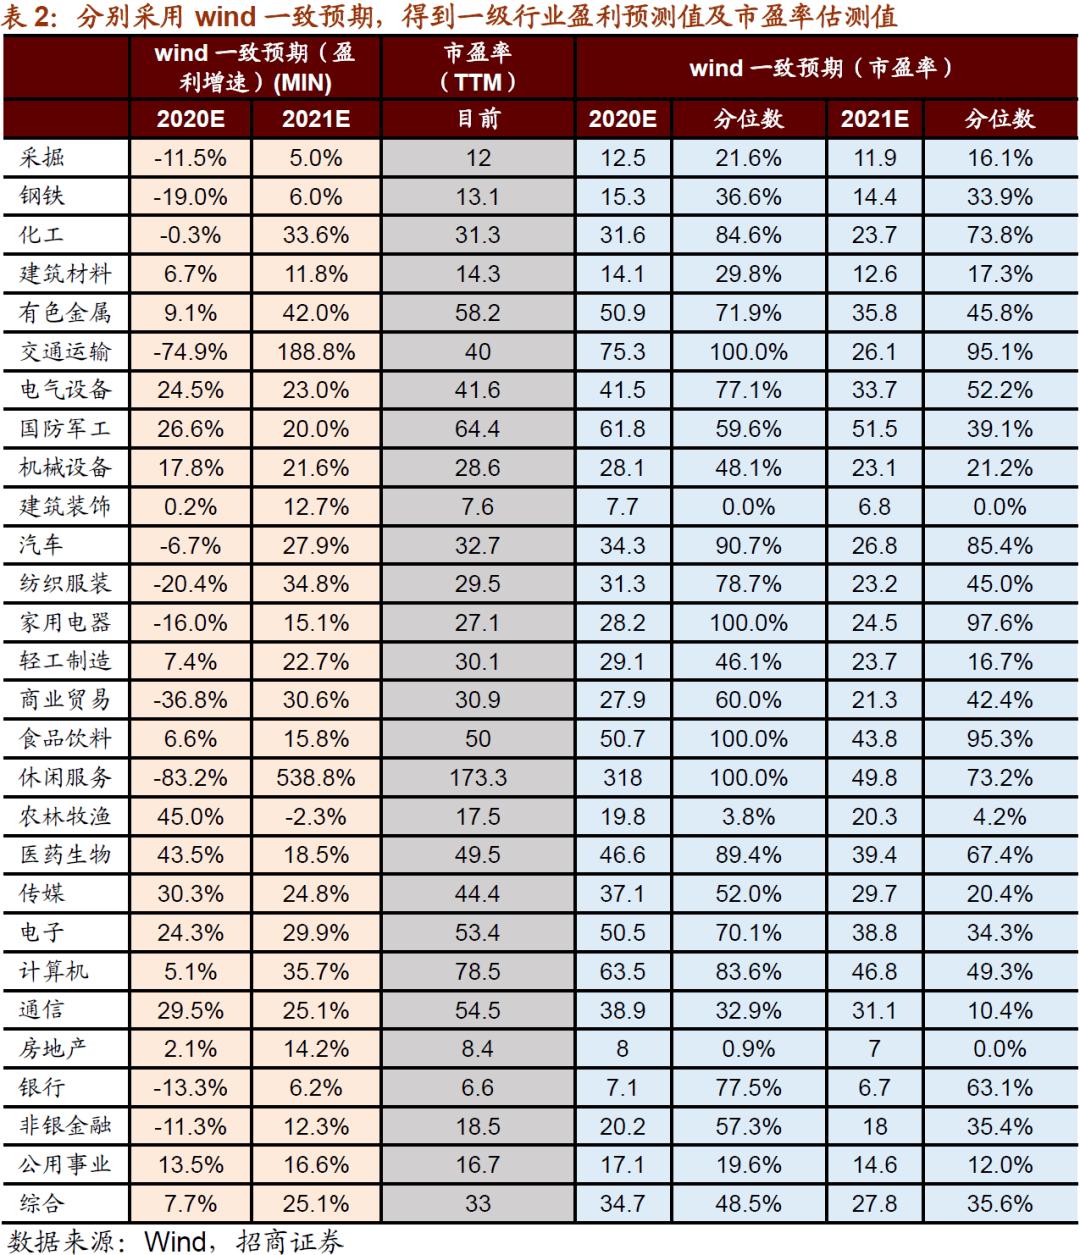 【招商策略】估值切换后,A股估值水平处在历史什么位置——A股投资策略周报(1122)